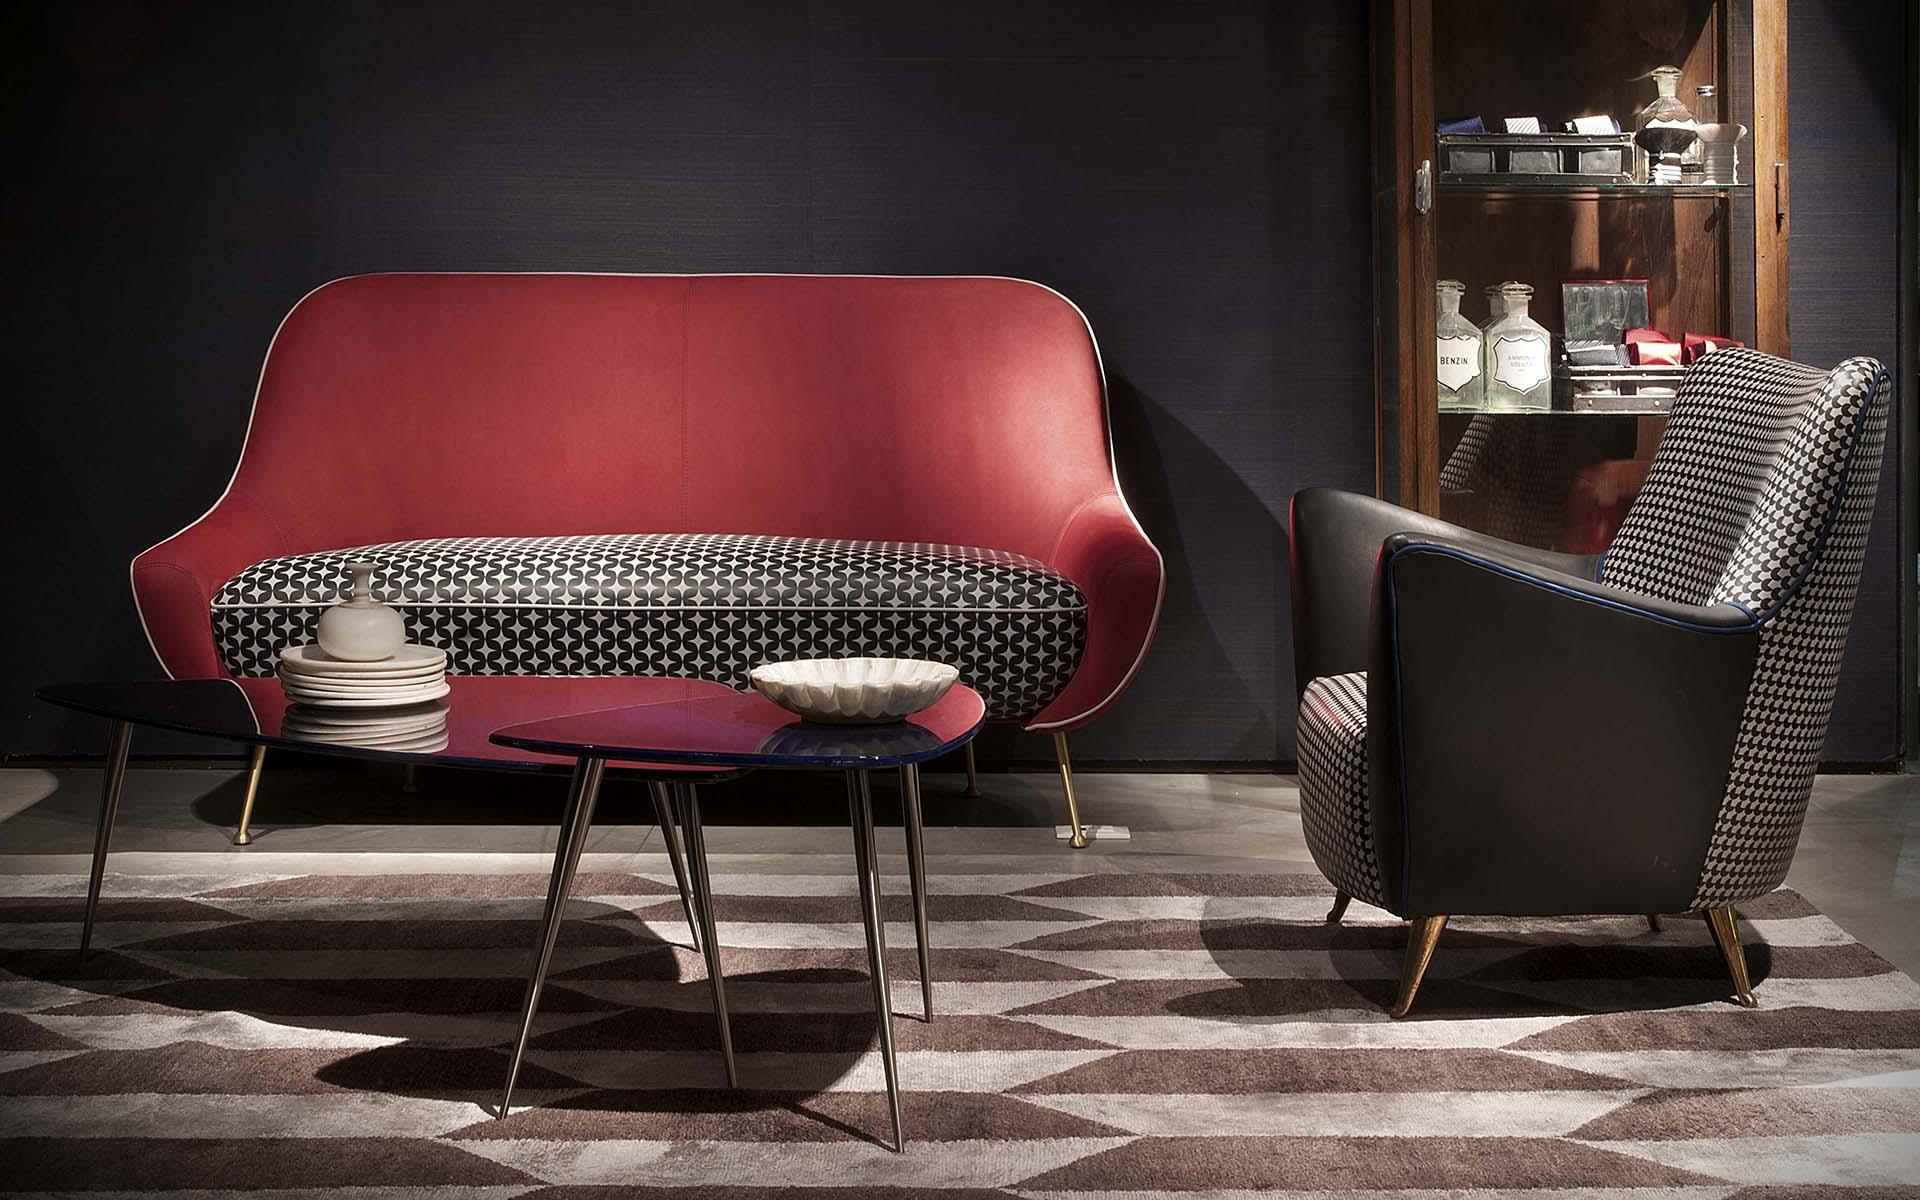 北欧意大利设计师家具 双人非对称沙发 五金电镀脚 人体工学扶手躺靠沙发